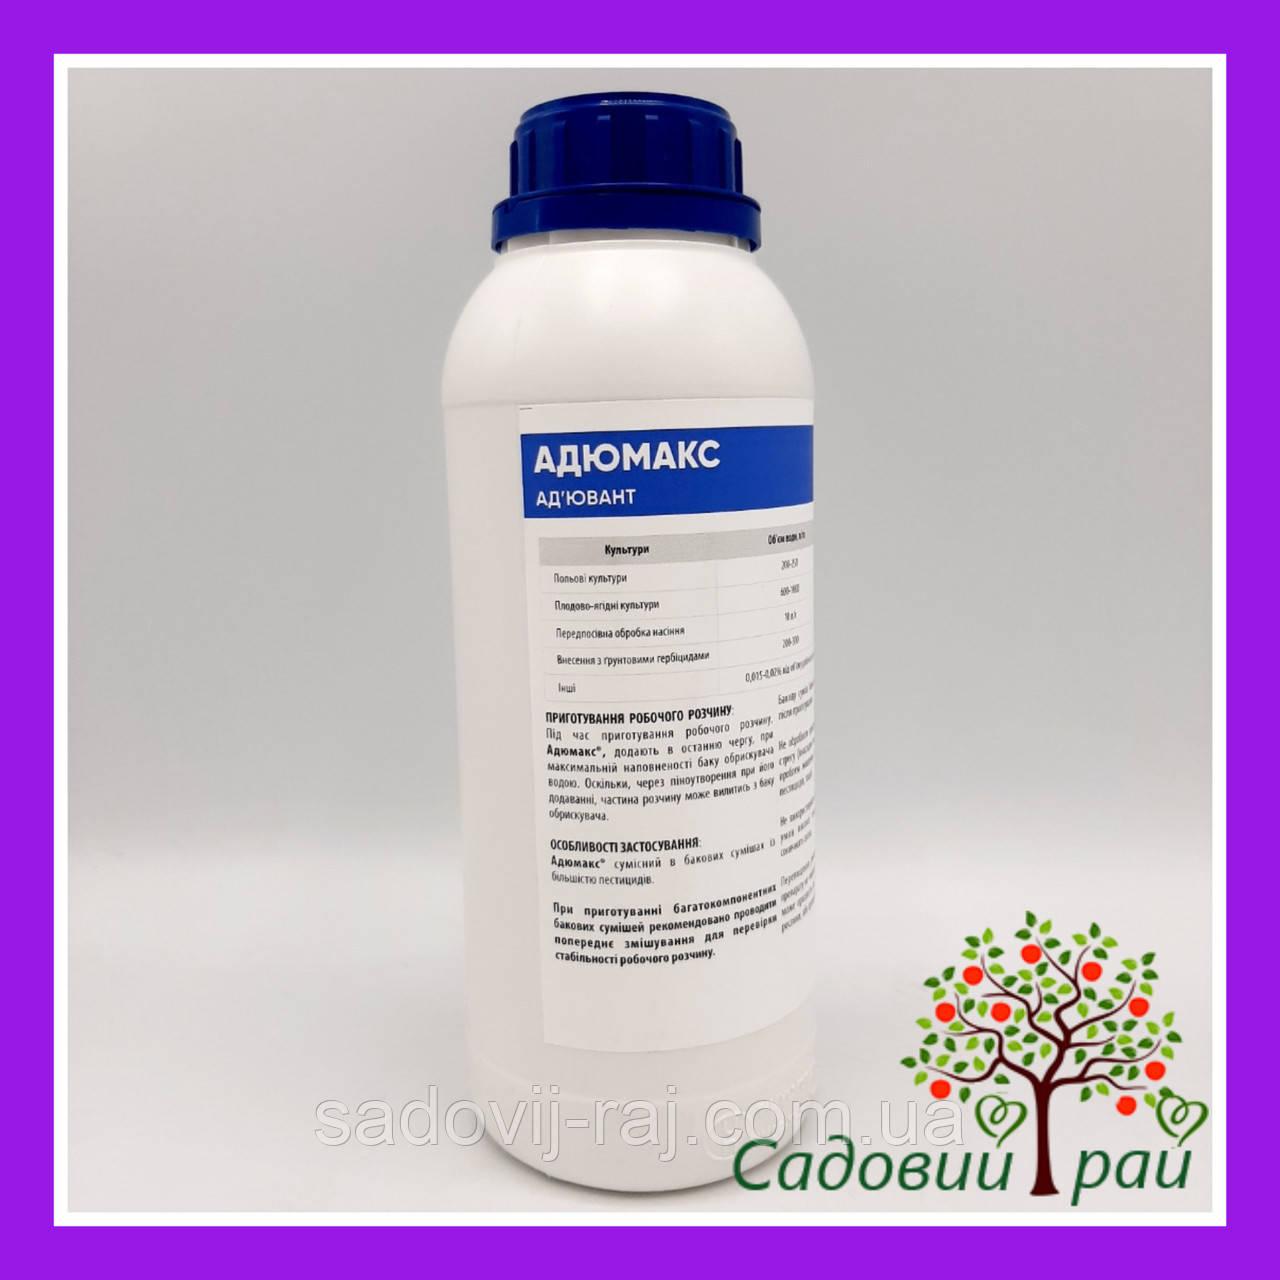 Адюмакс - ад'ювант, змочувач для підвищення ефективності обробок рослин